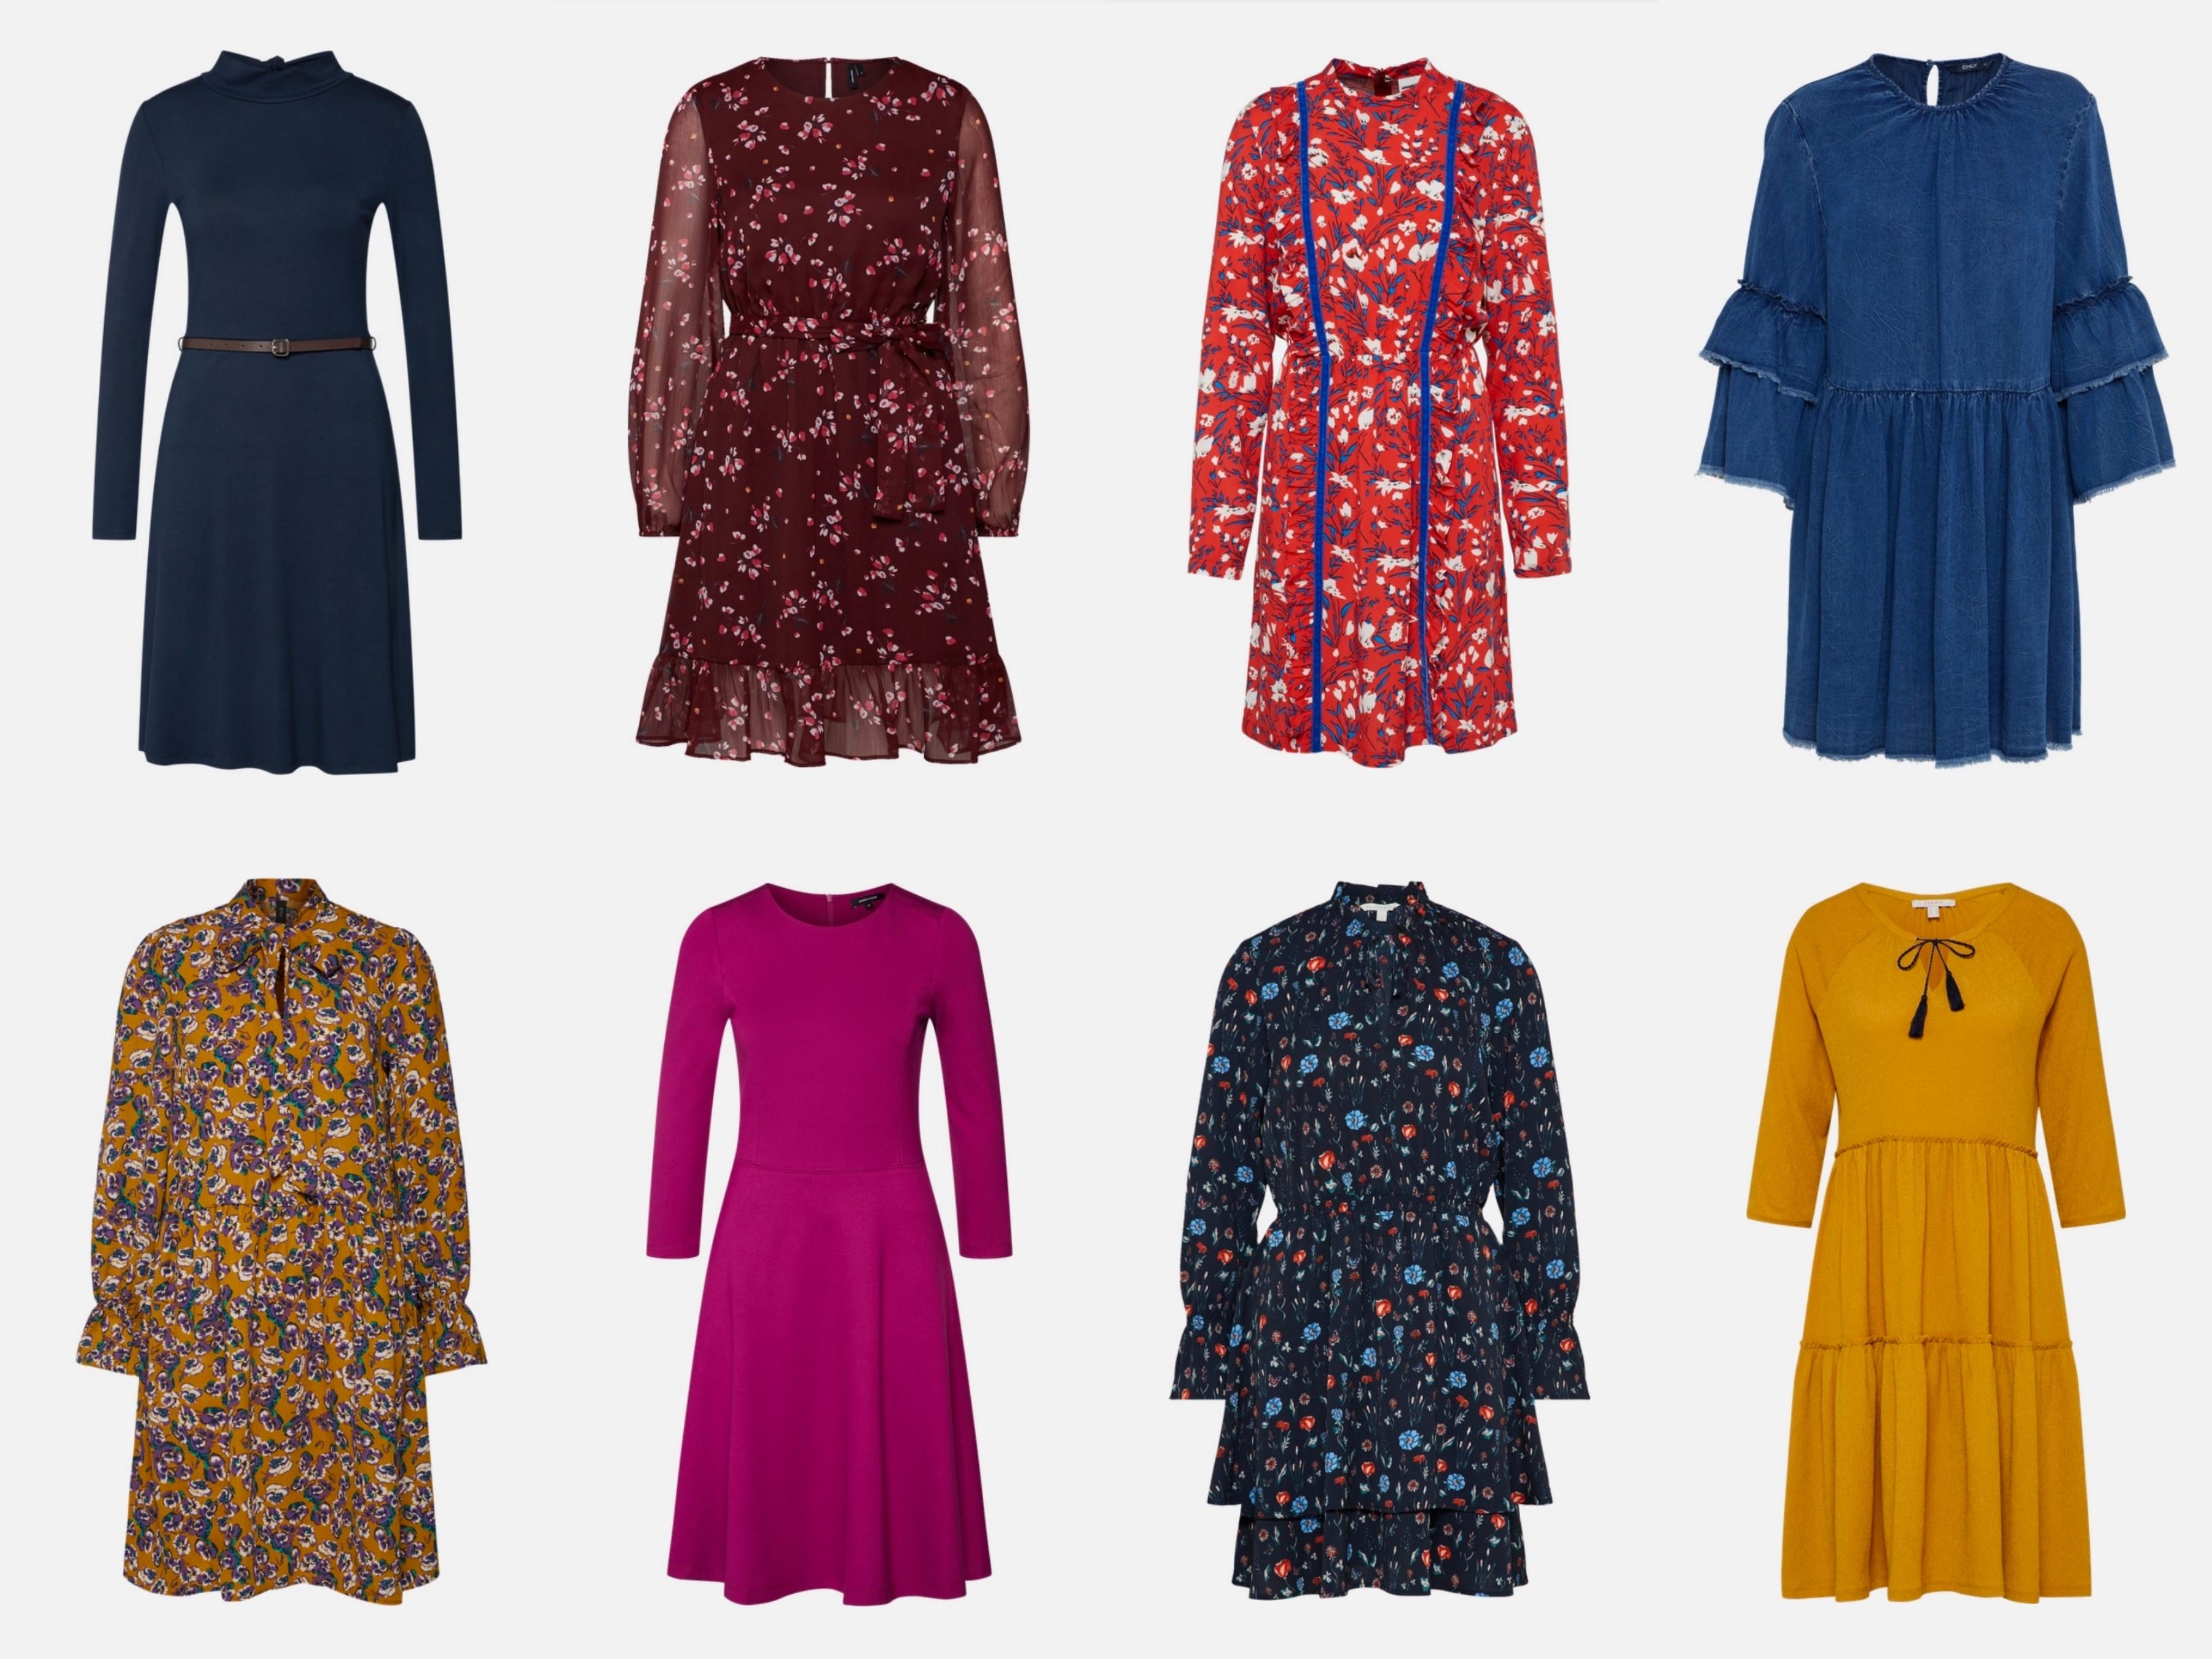 Kupujemy sukienkę na jesień. Gotowe stylizacje na przywitanie jesieni!